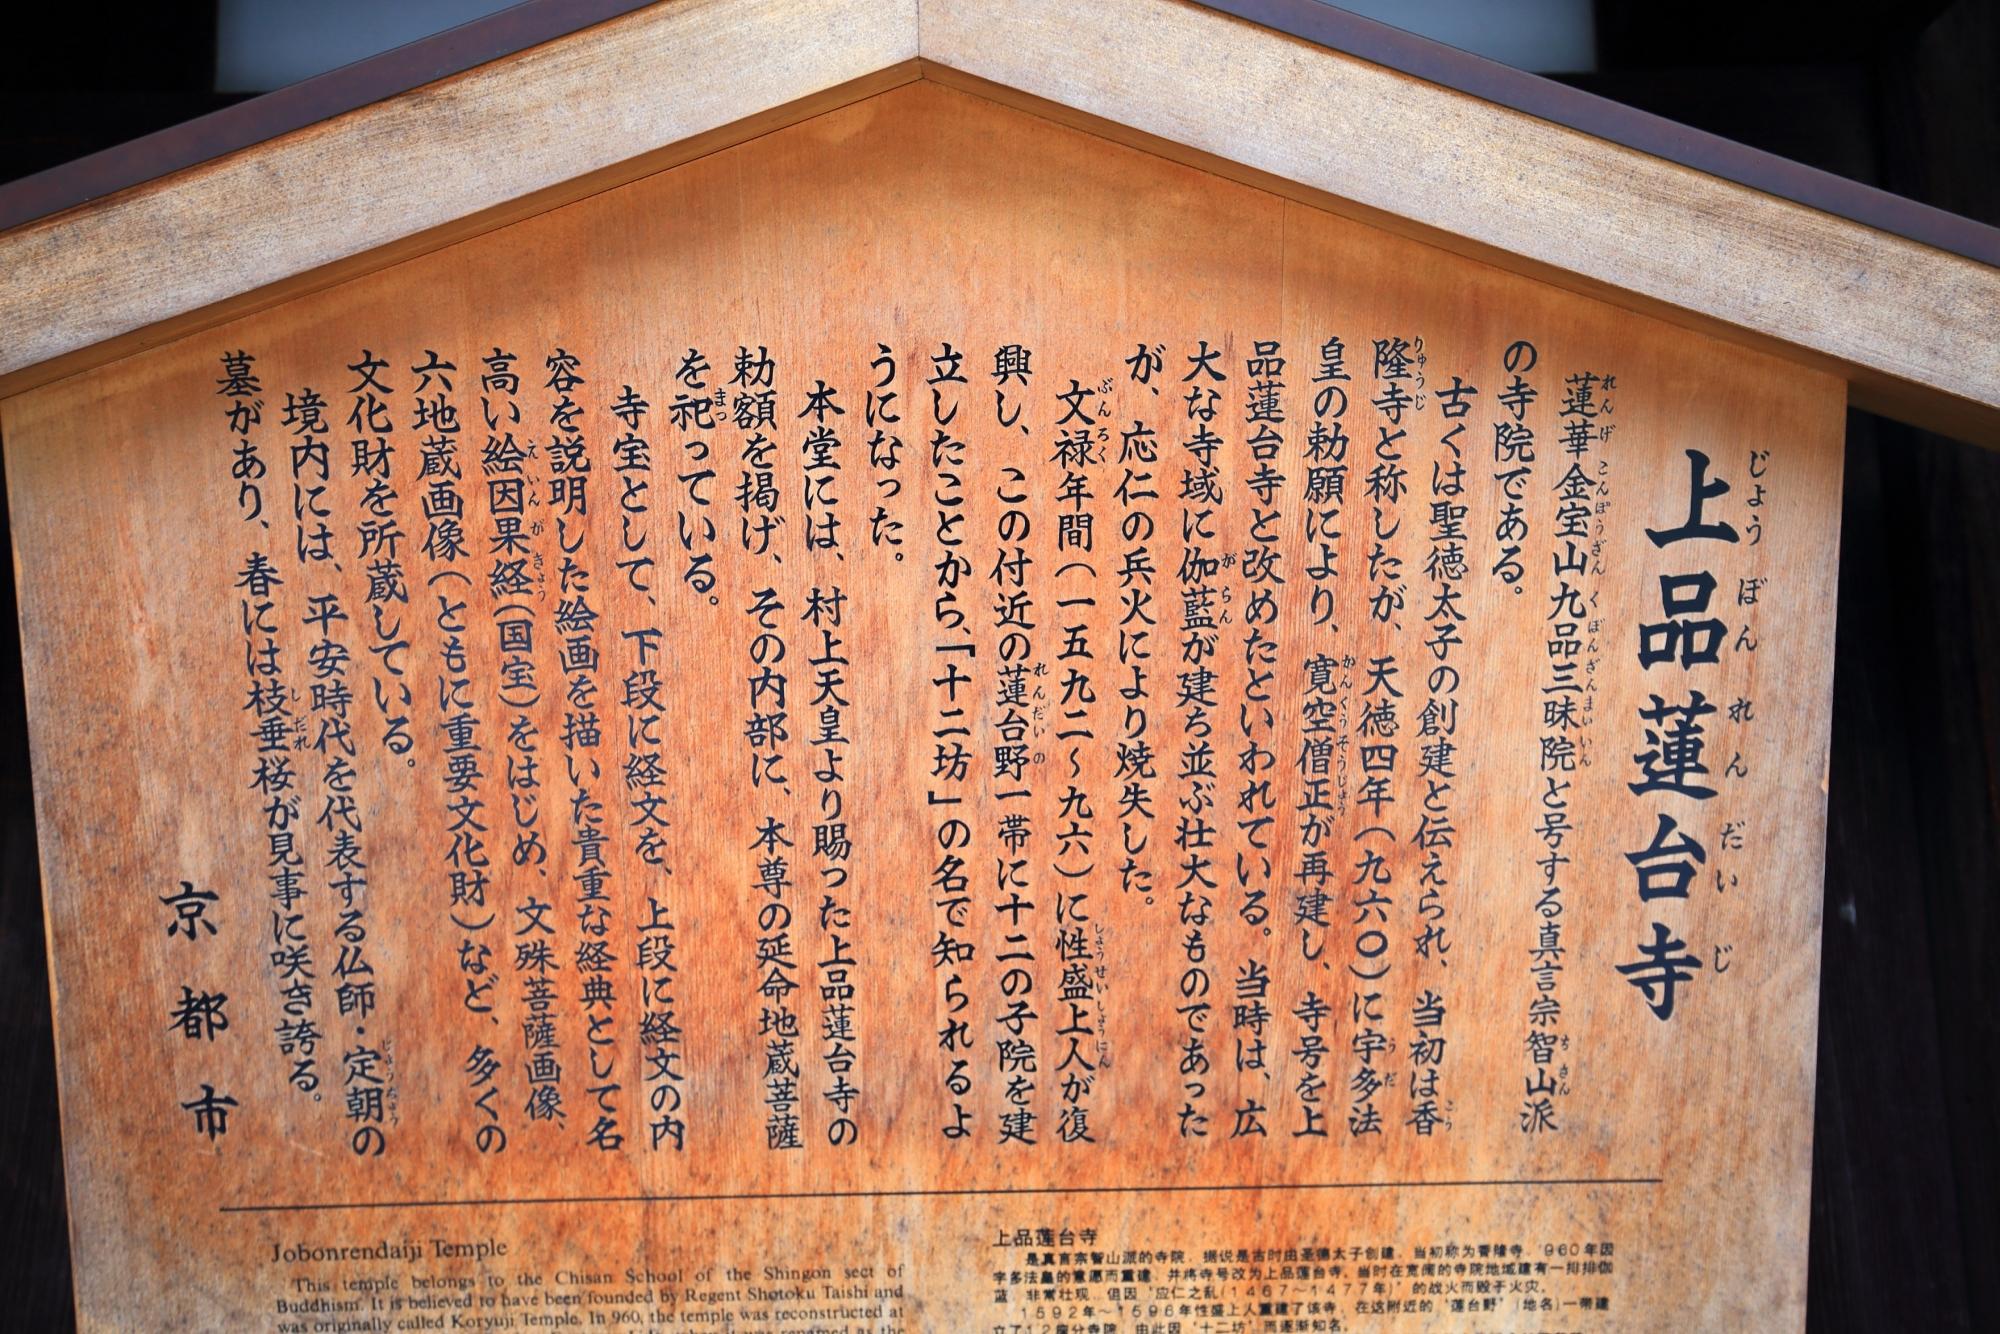 上品蓮台寺(じょうぼんれんだいじ)の説明